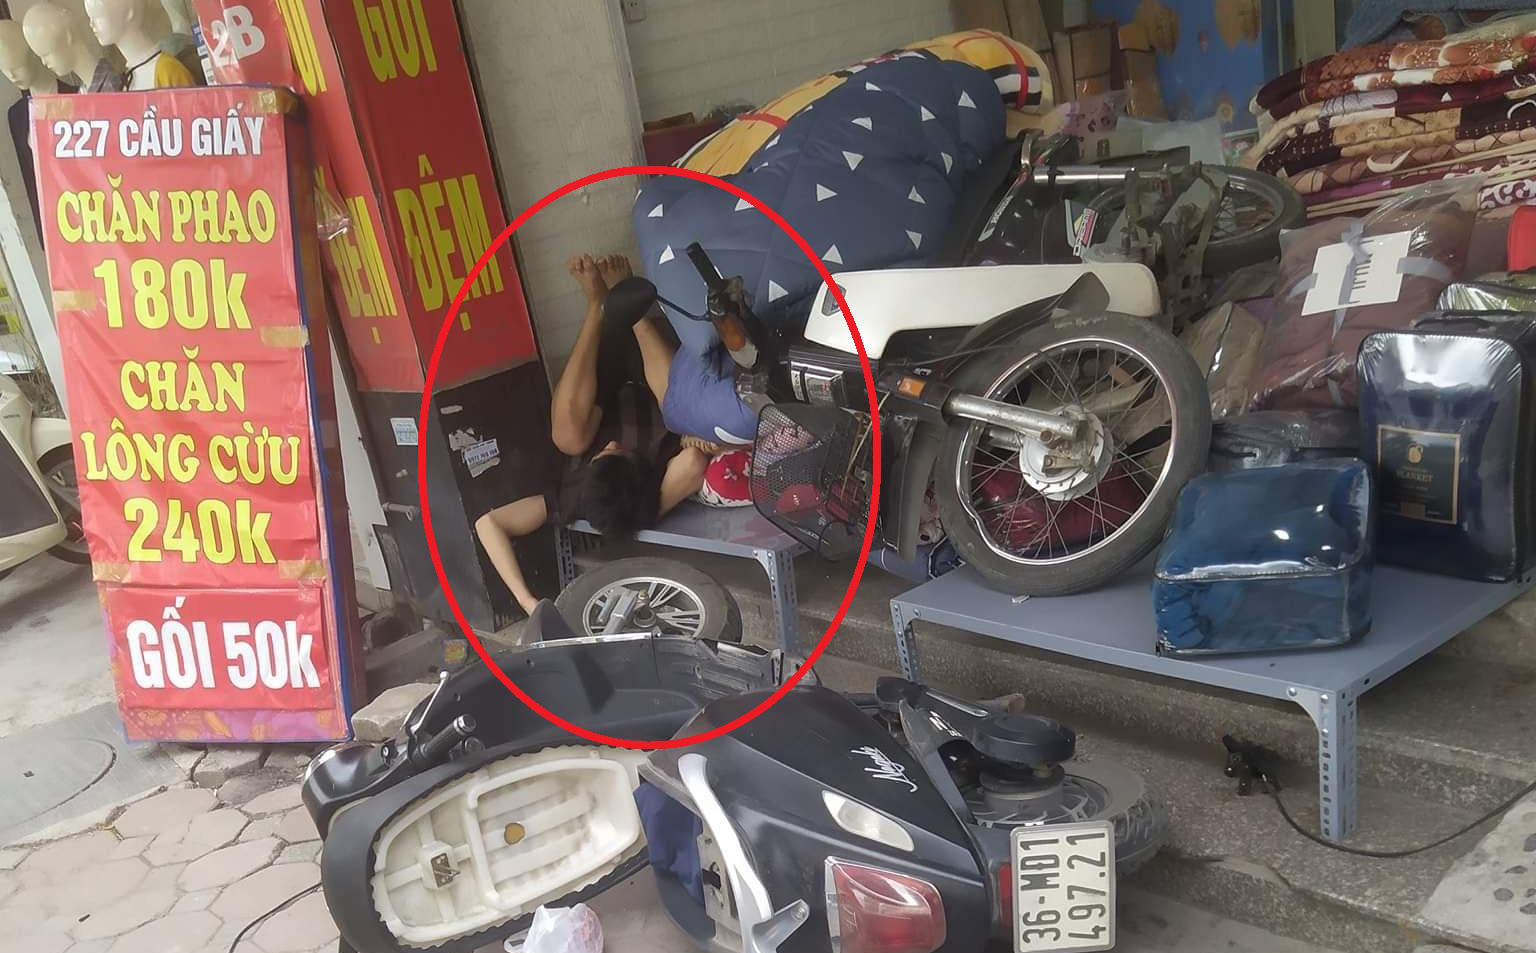 Chạy xe máy lao thẳng vào cửa hàng bên đường, chàng trai nằm ngủ luôn tại chỗ bất chấp mọi tiếng ồn